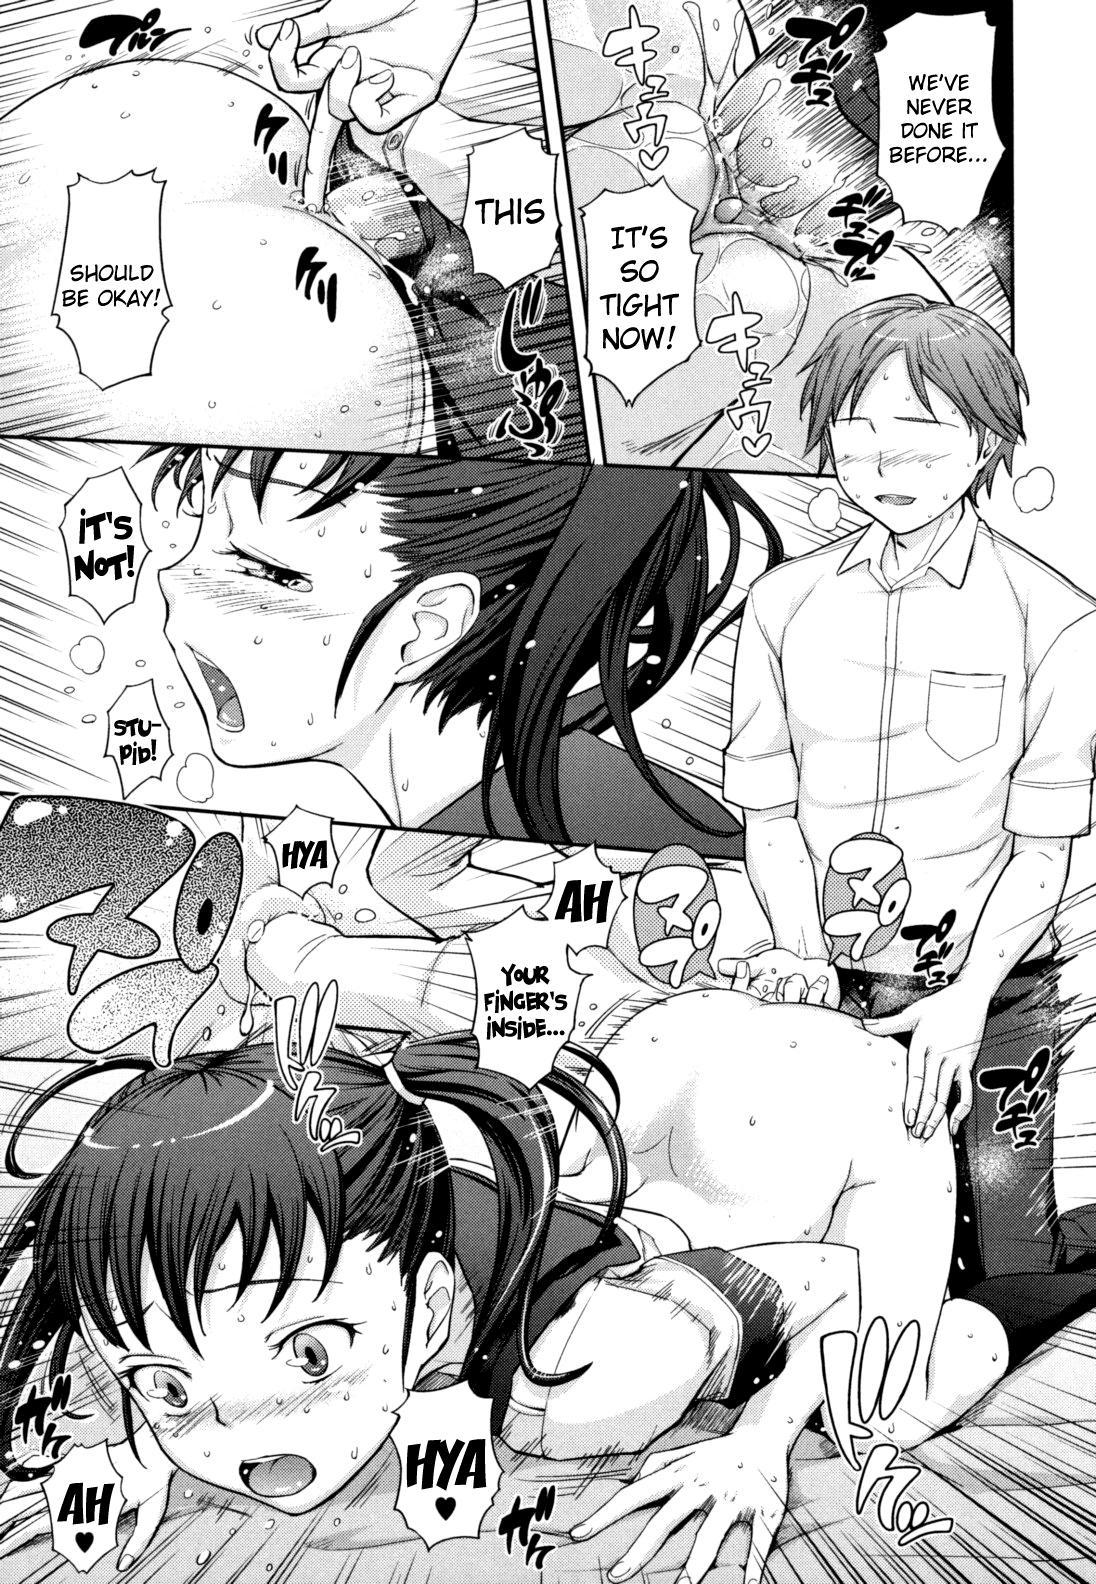 Boku no Watashi no Shitai Koto!   What You and I Want to do Together 208